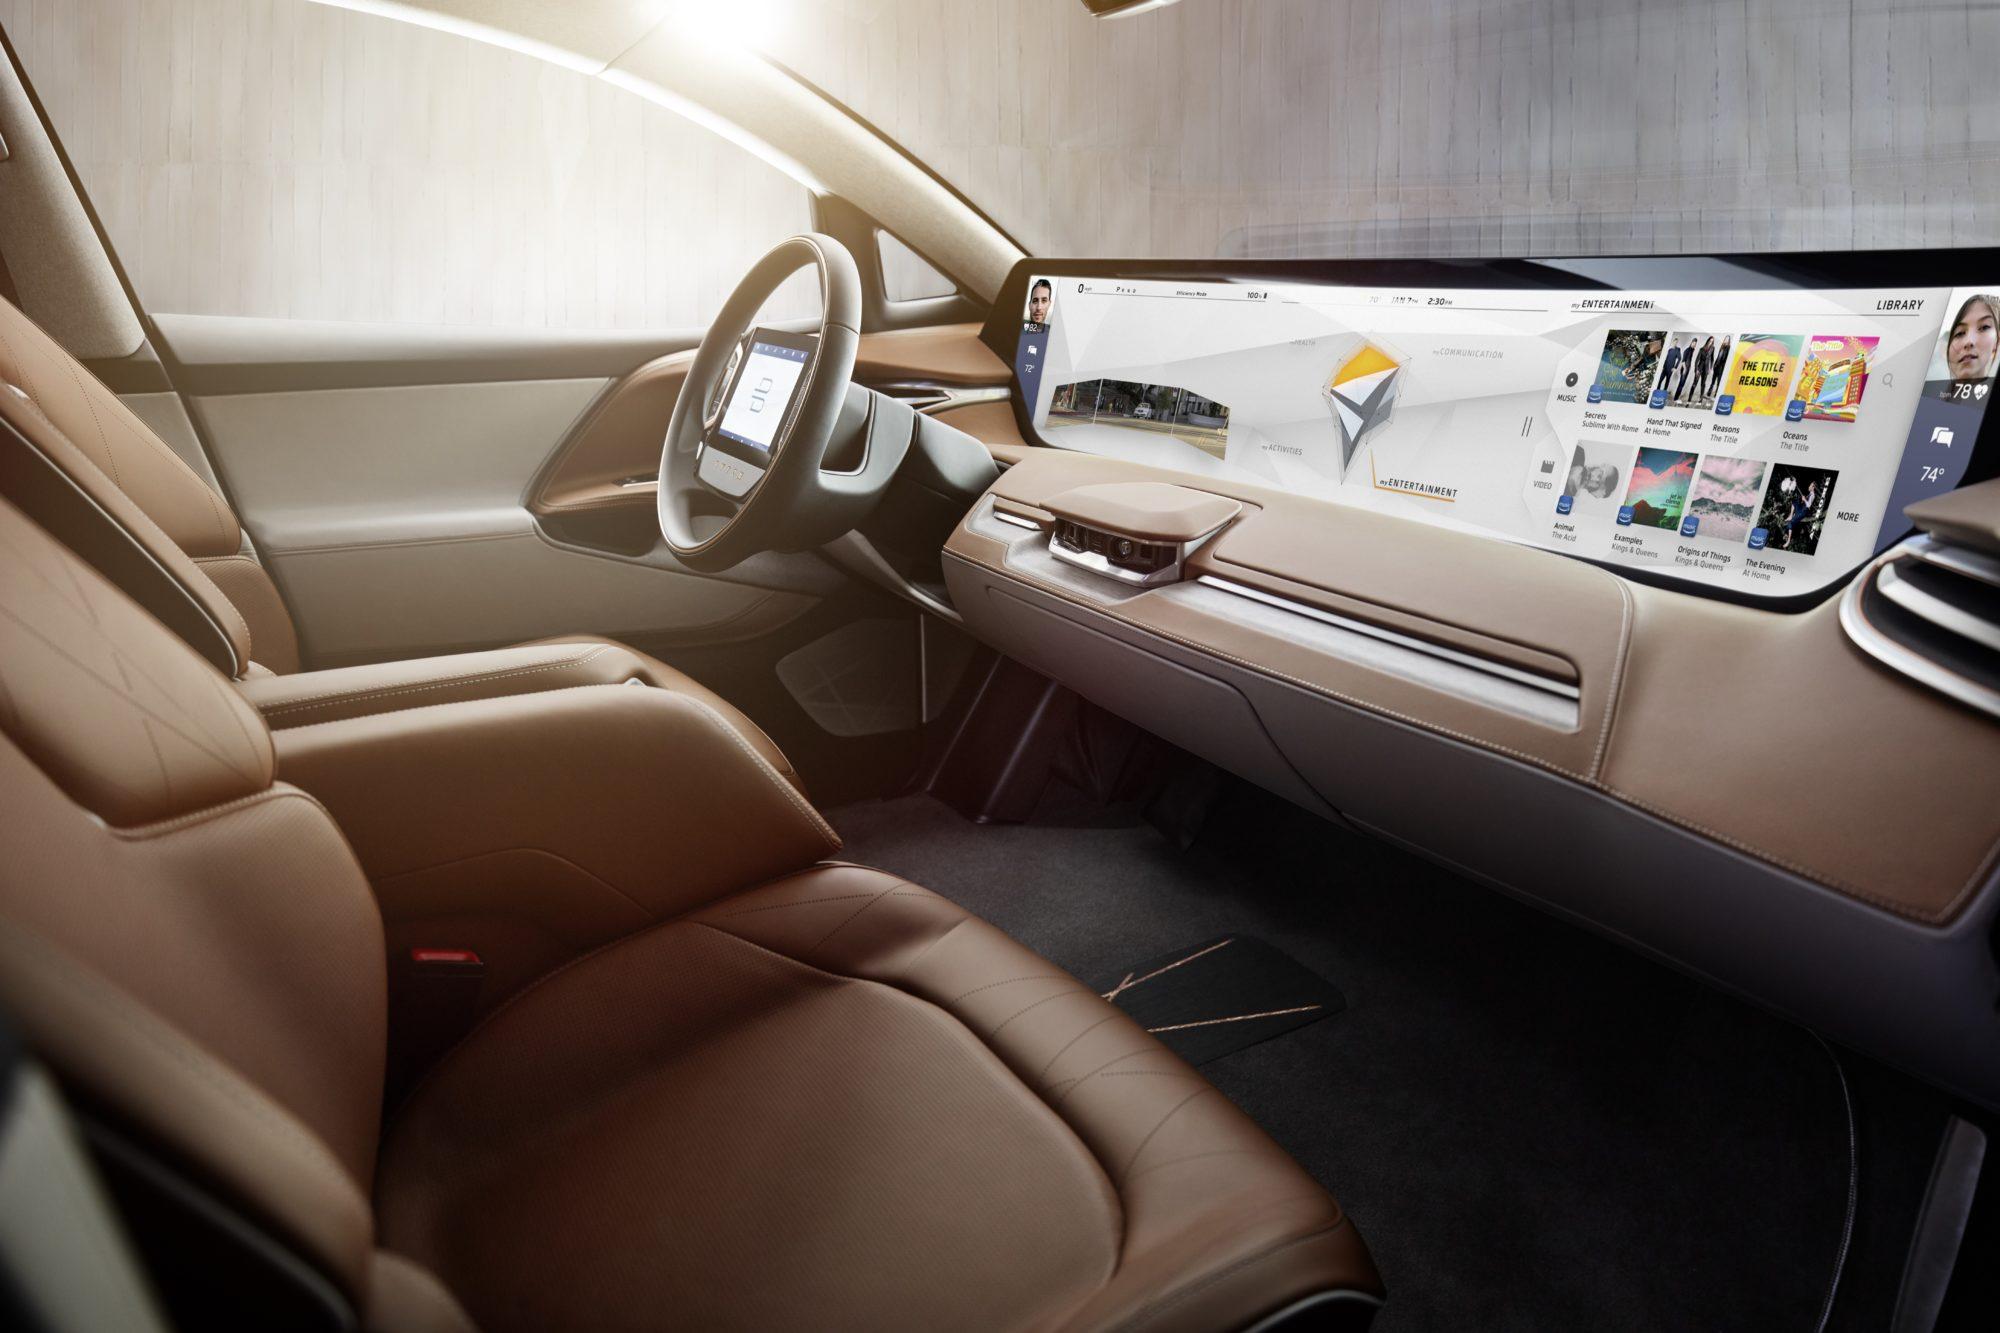 Im Interieur dominiert der 1,25m breite und 25cm hohe Bildschirm. Der Fahrer hat zudem einen Touchscreen im Lenkrad zur Verfügung